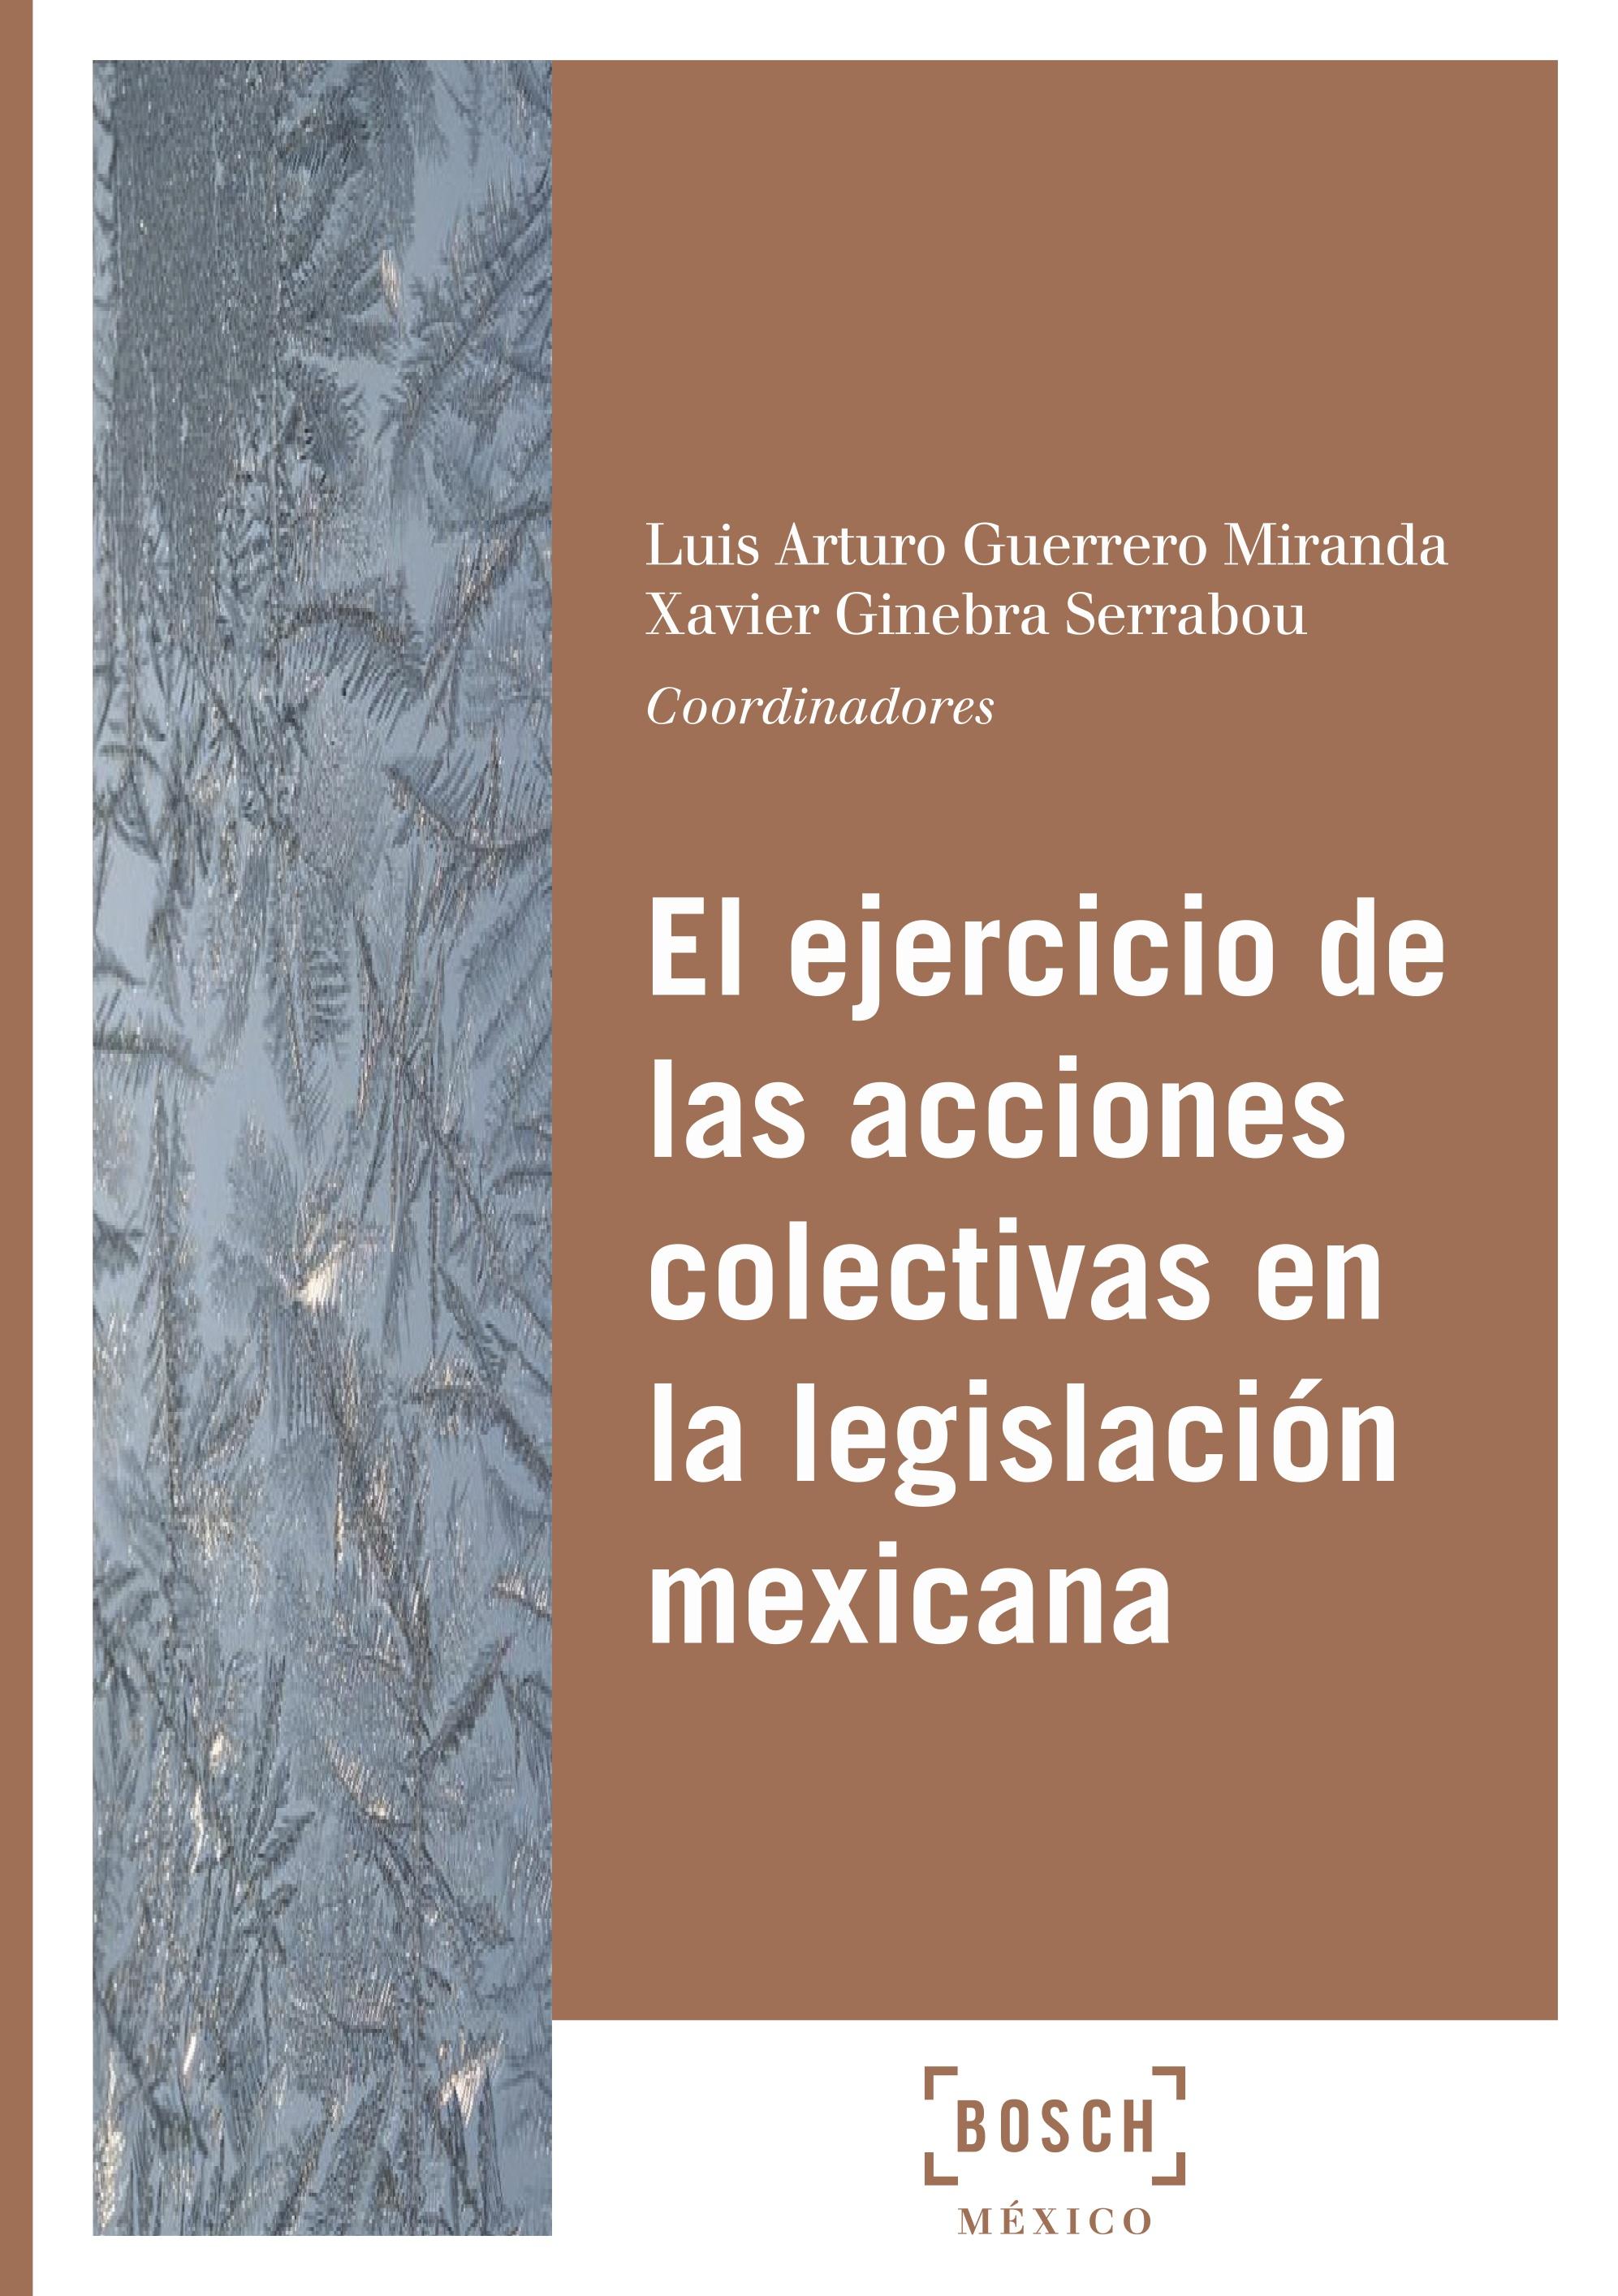 El ejercicio de las acciones colectivas en la legislación mexicana